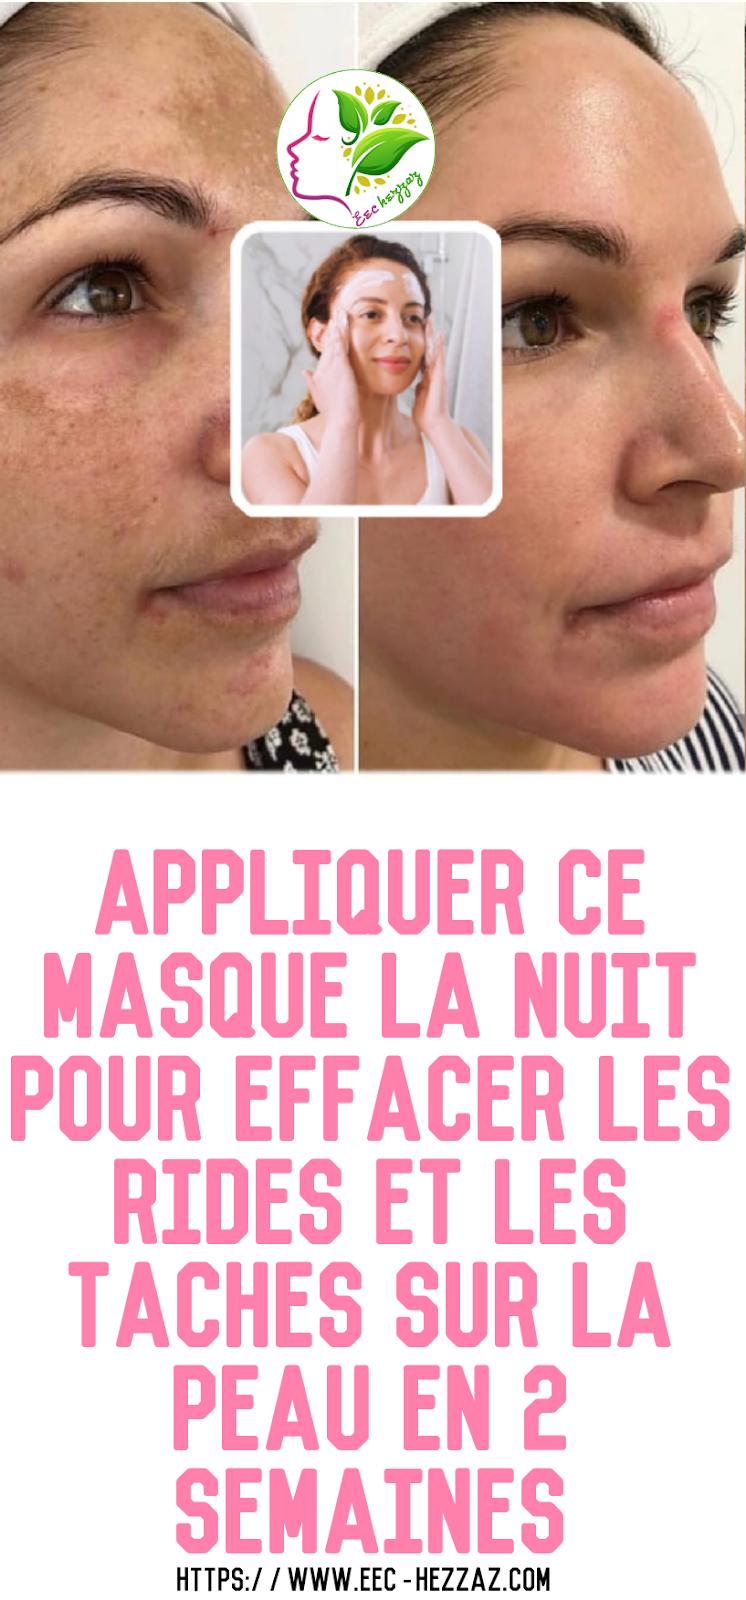 Appliquer ce masque la nuit pour effacer les rides et les taches sur la peau en 2 semaines